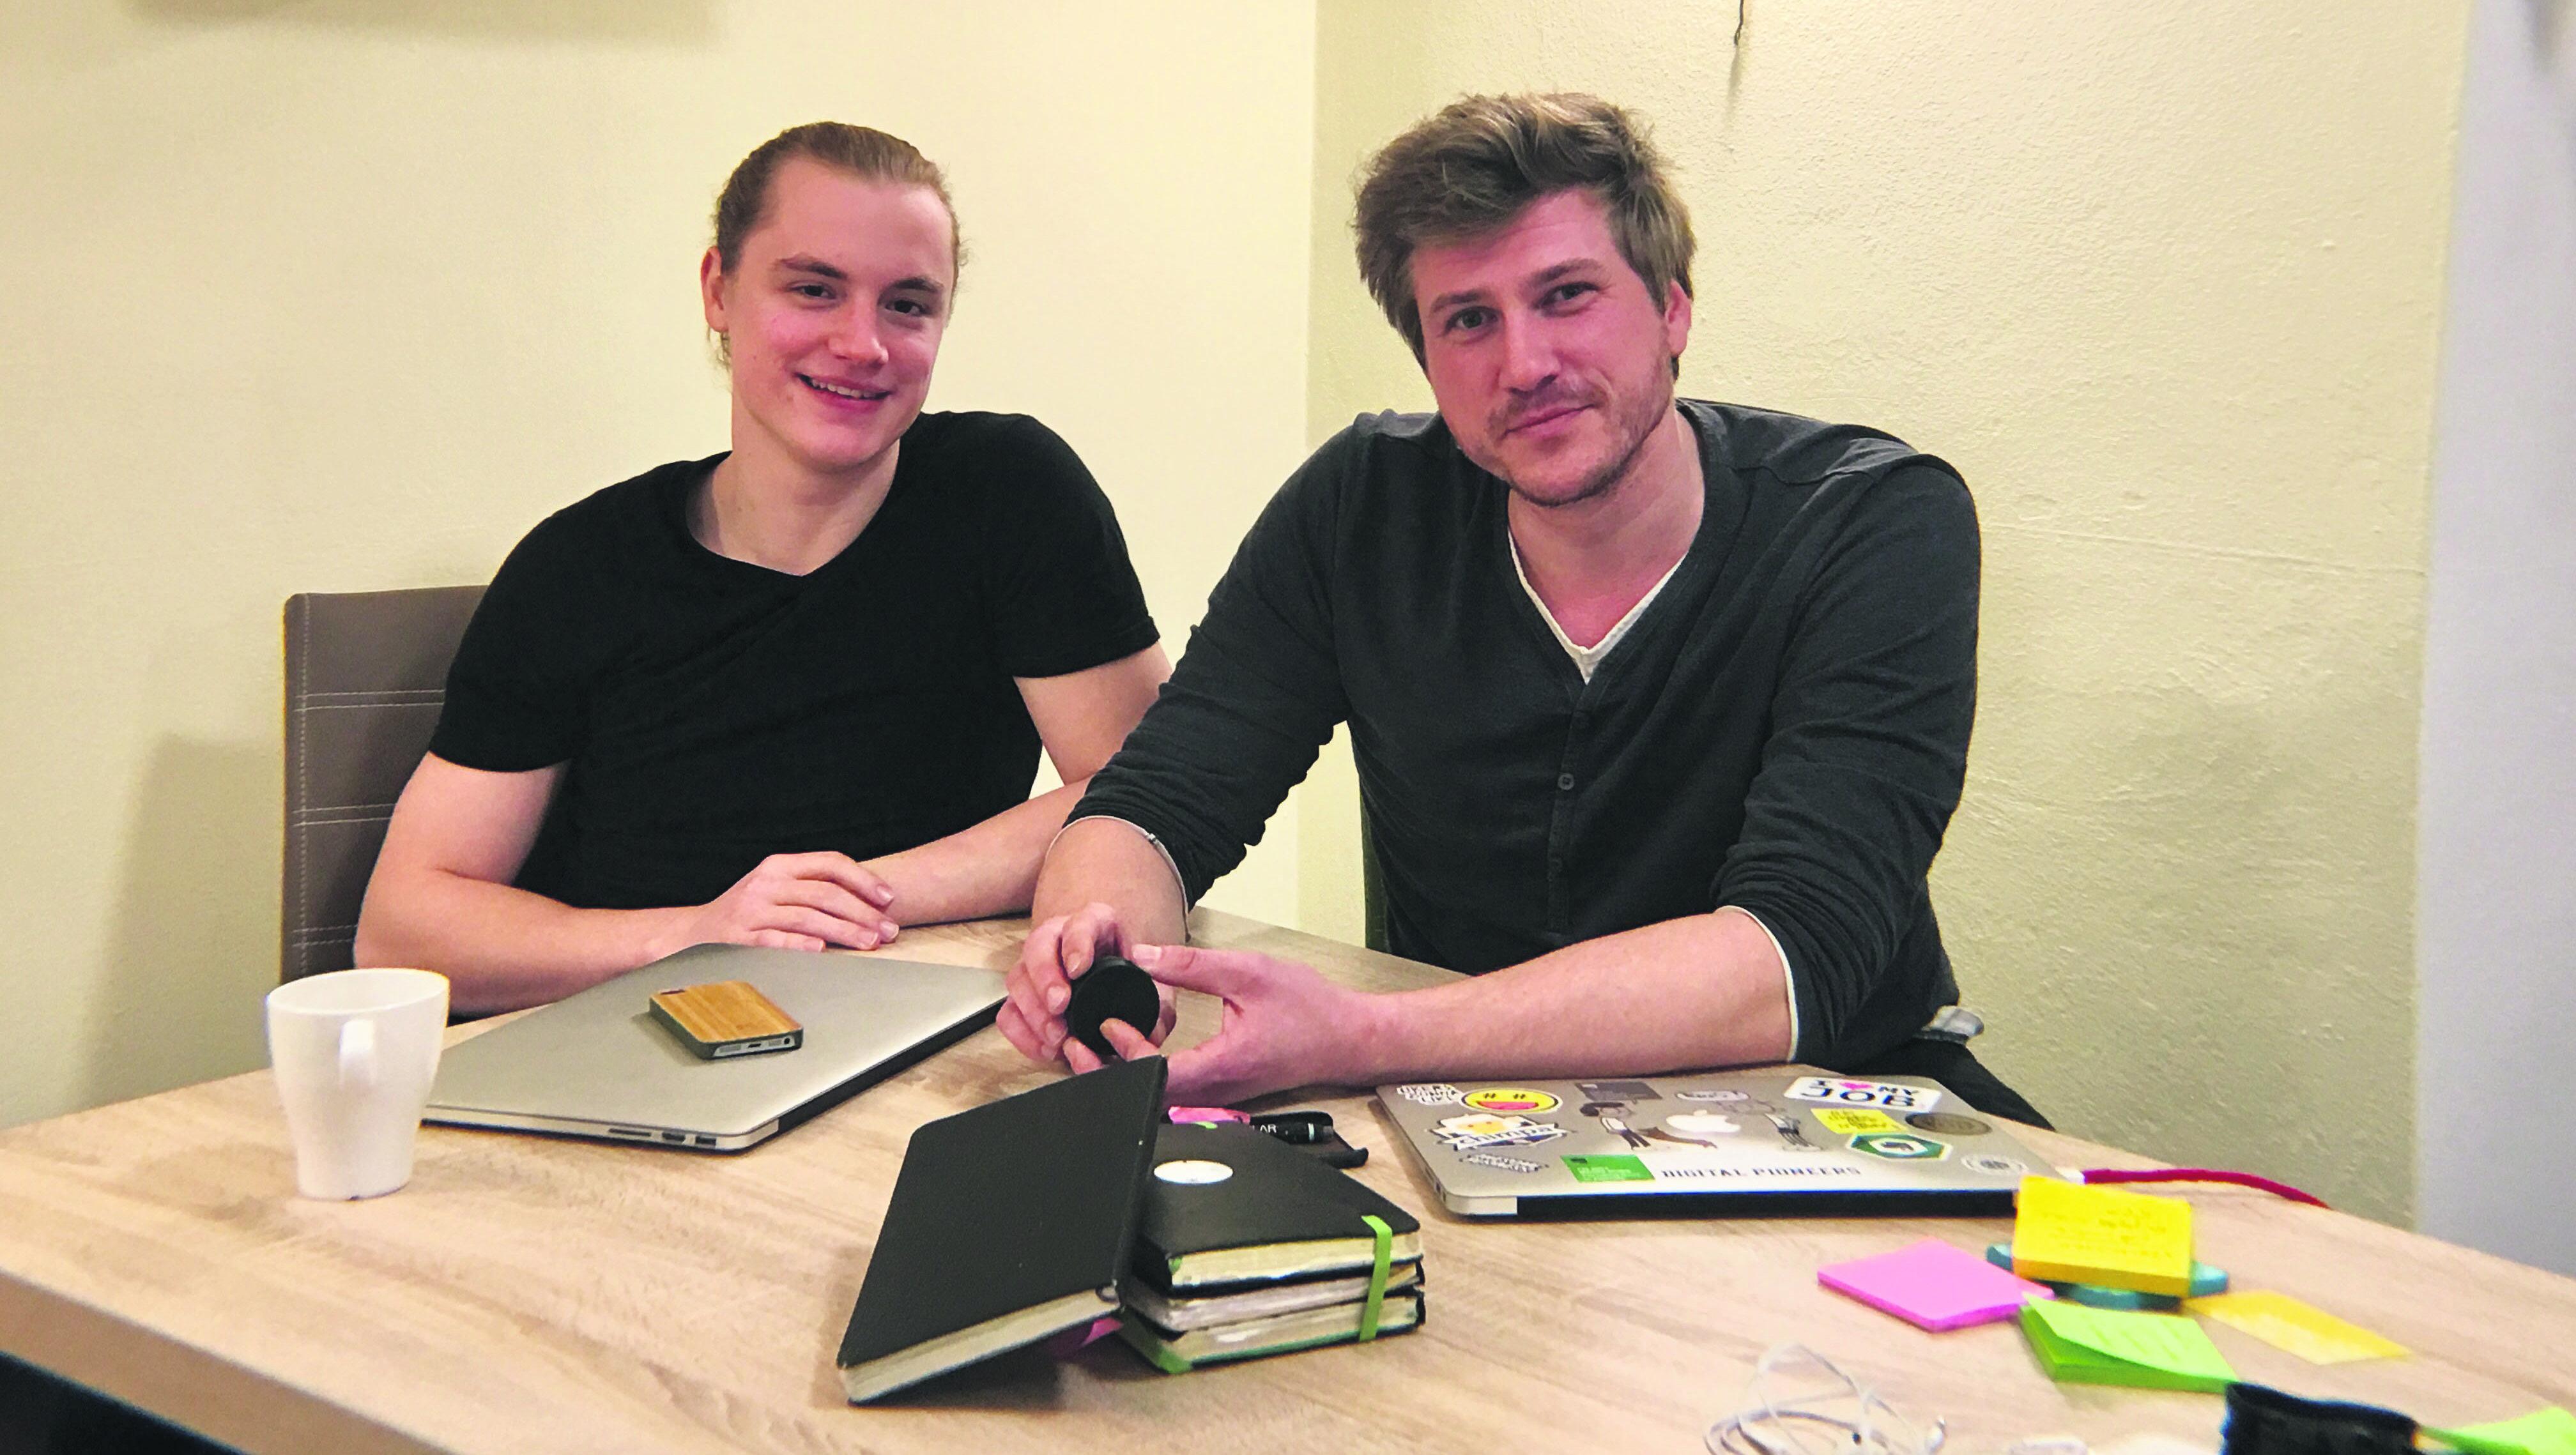 Adrian Schnug (l.) und Enrico Nahler (r.) geben Tipps zur Studienorganisation Bild: Enrico Nahler